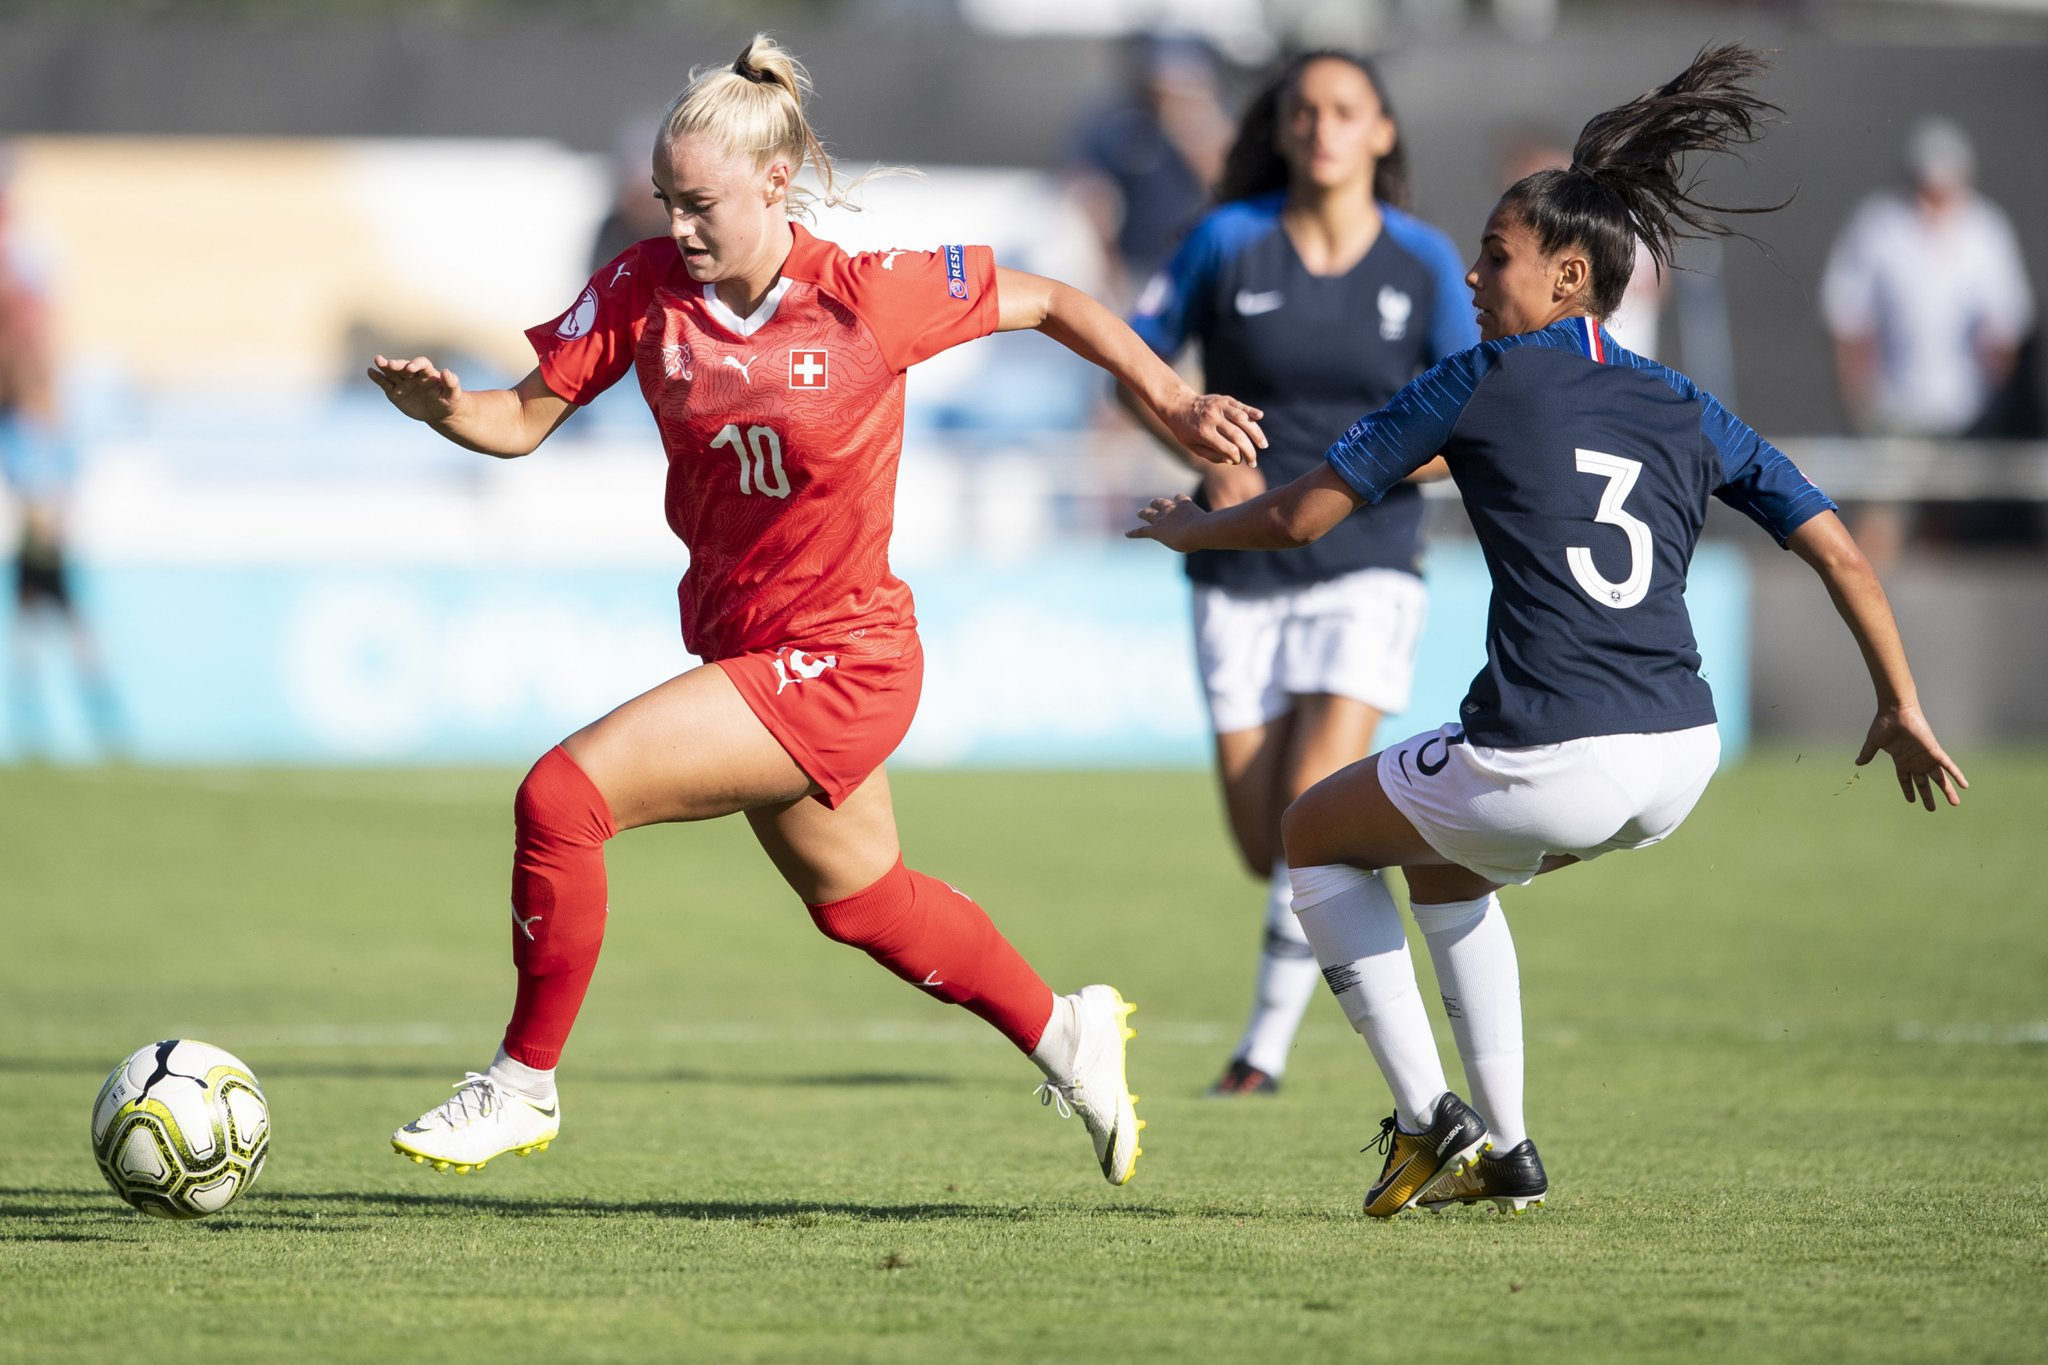 Lehmann qui déborde Bourma, a permis à la Suisse d'accrocher le nul (photo UEFA)